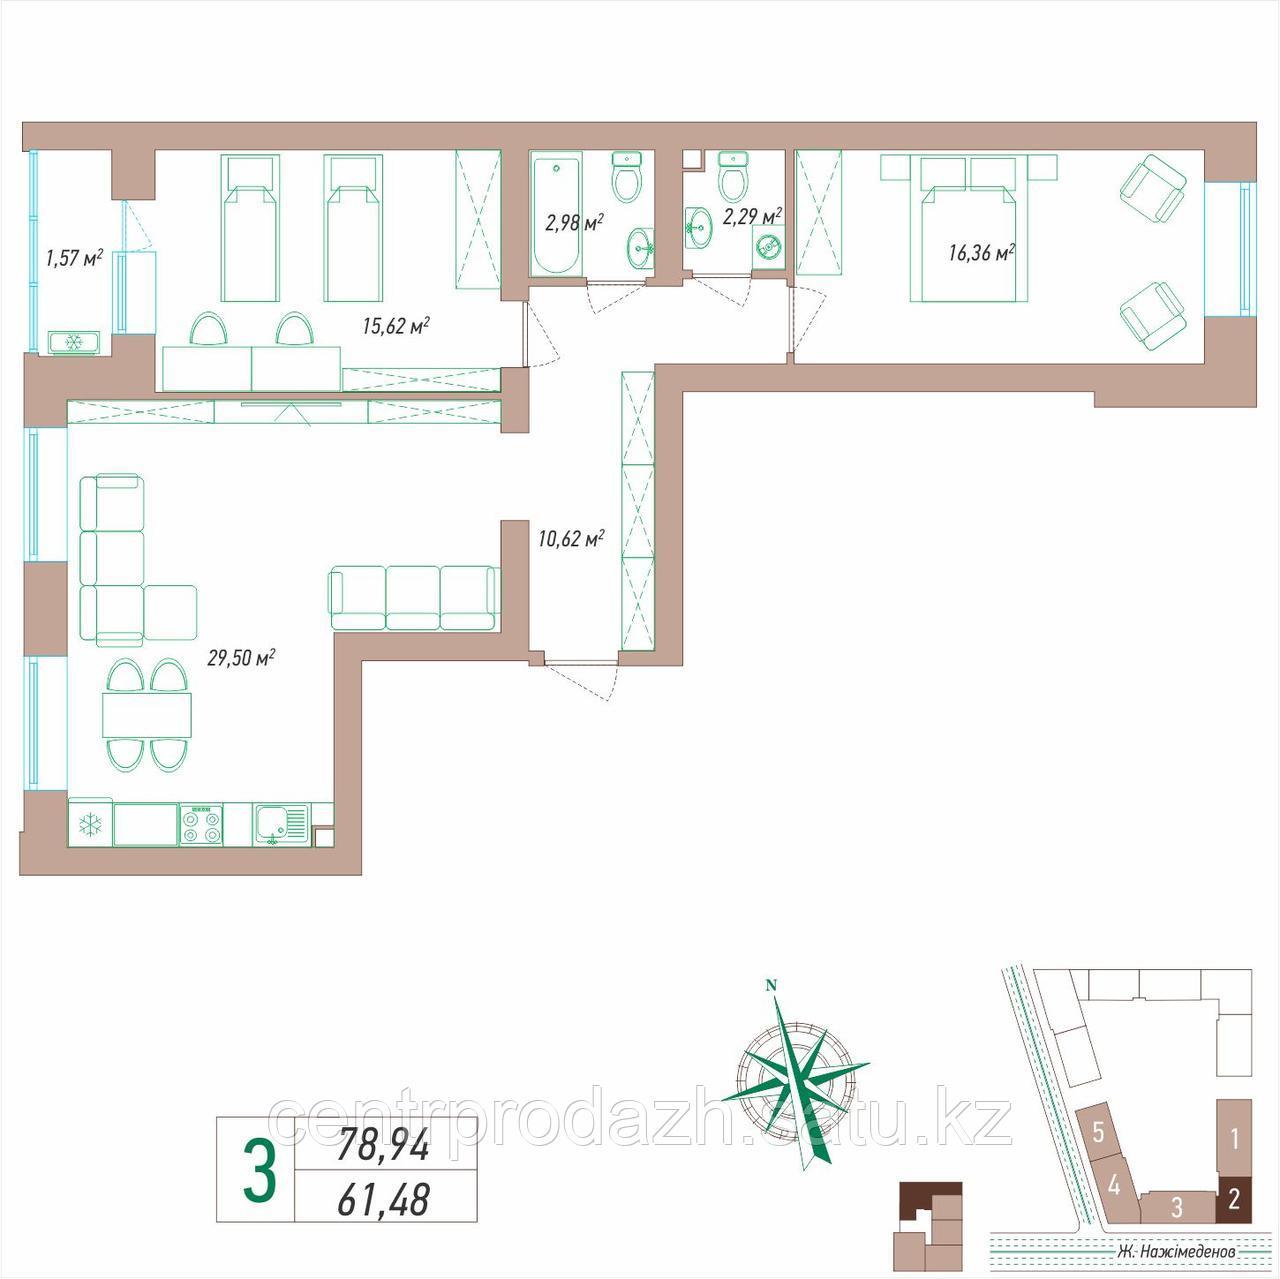 3 комнатная квартира в ЖК VIEW PARK 78.94 м²